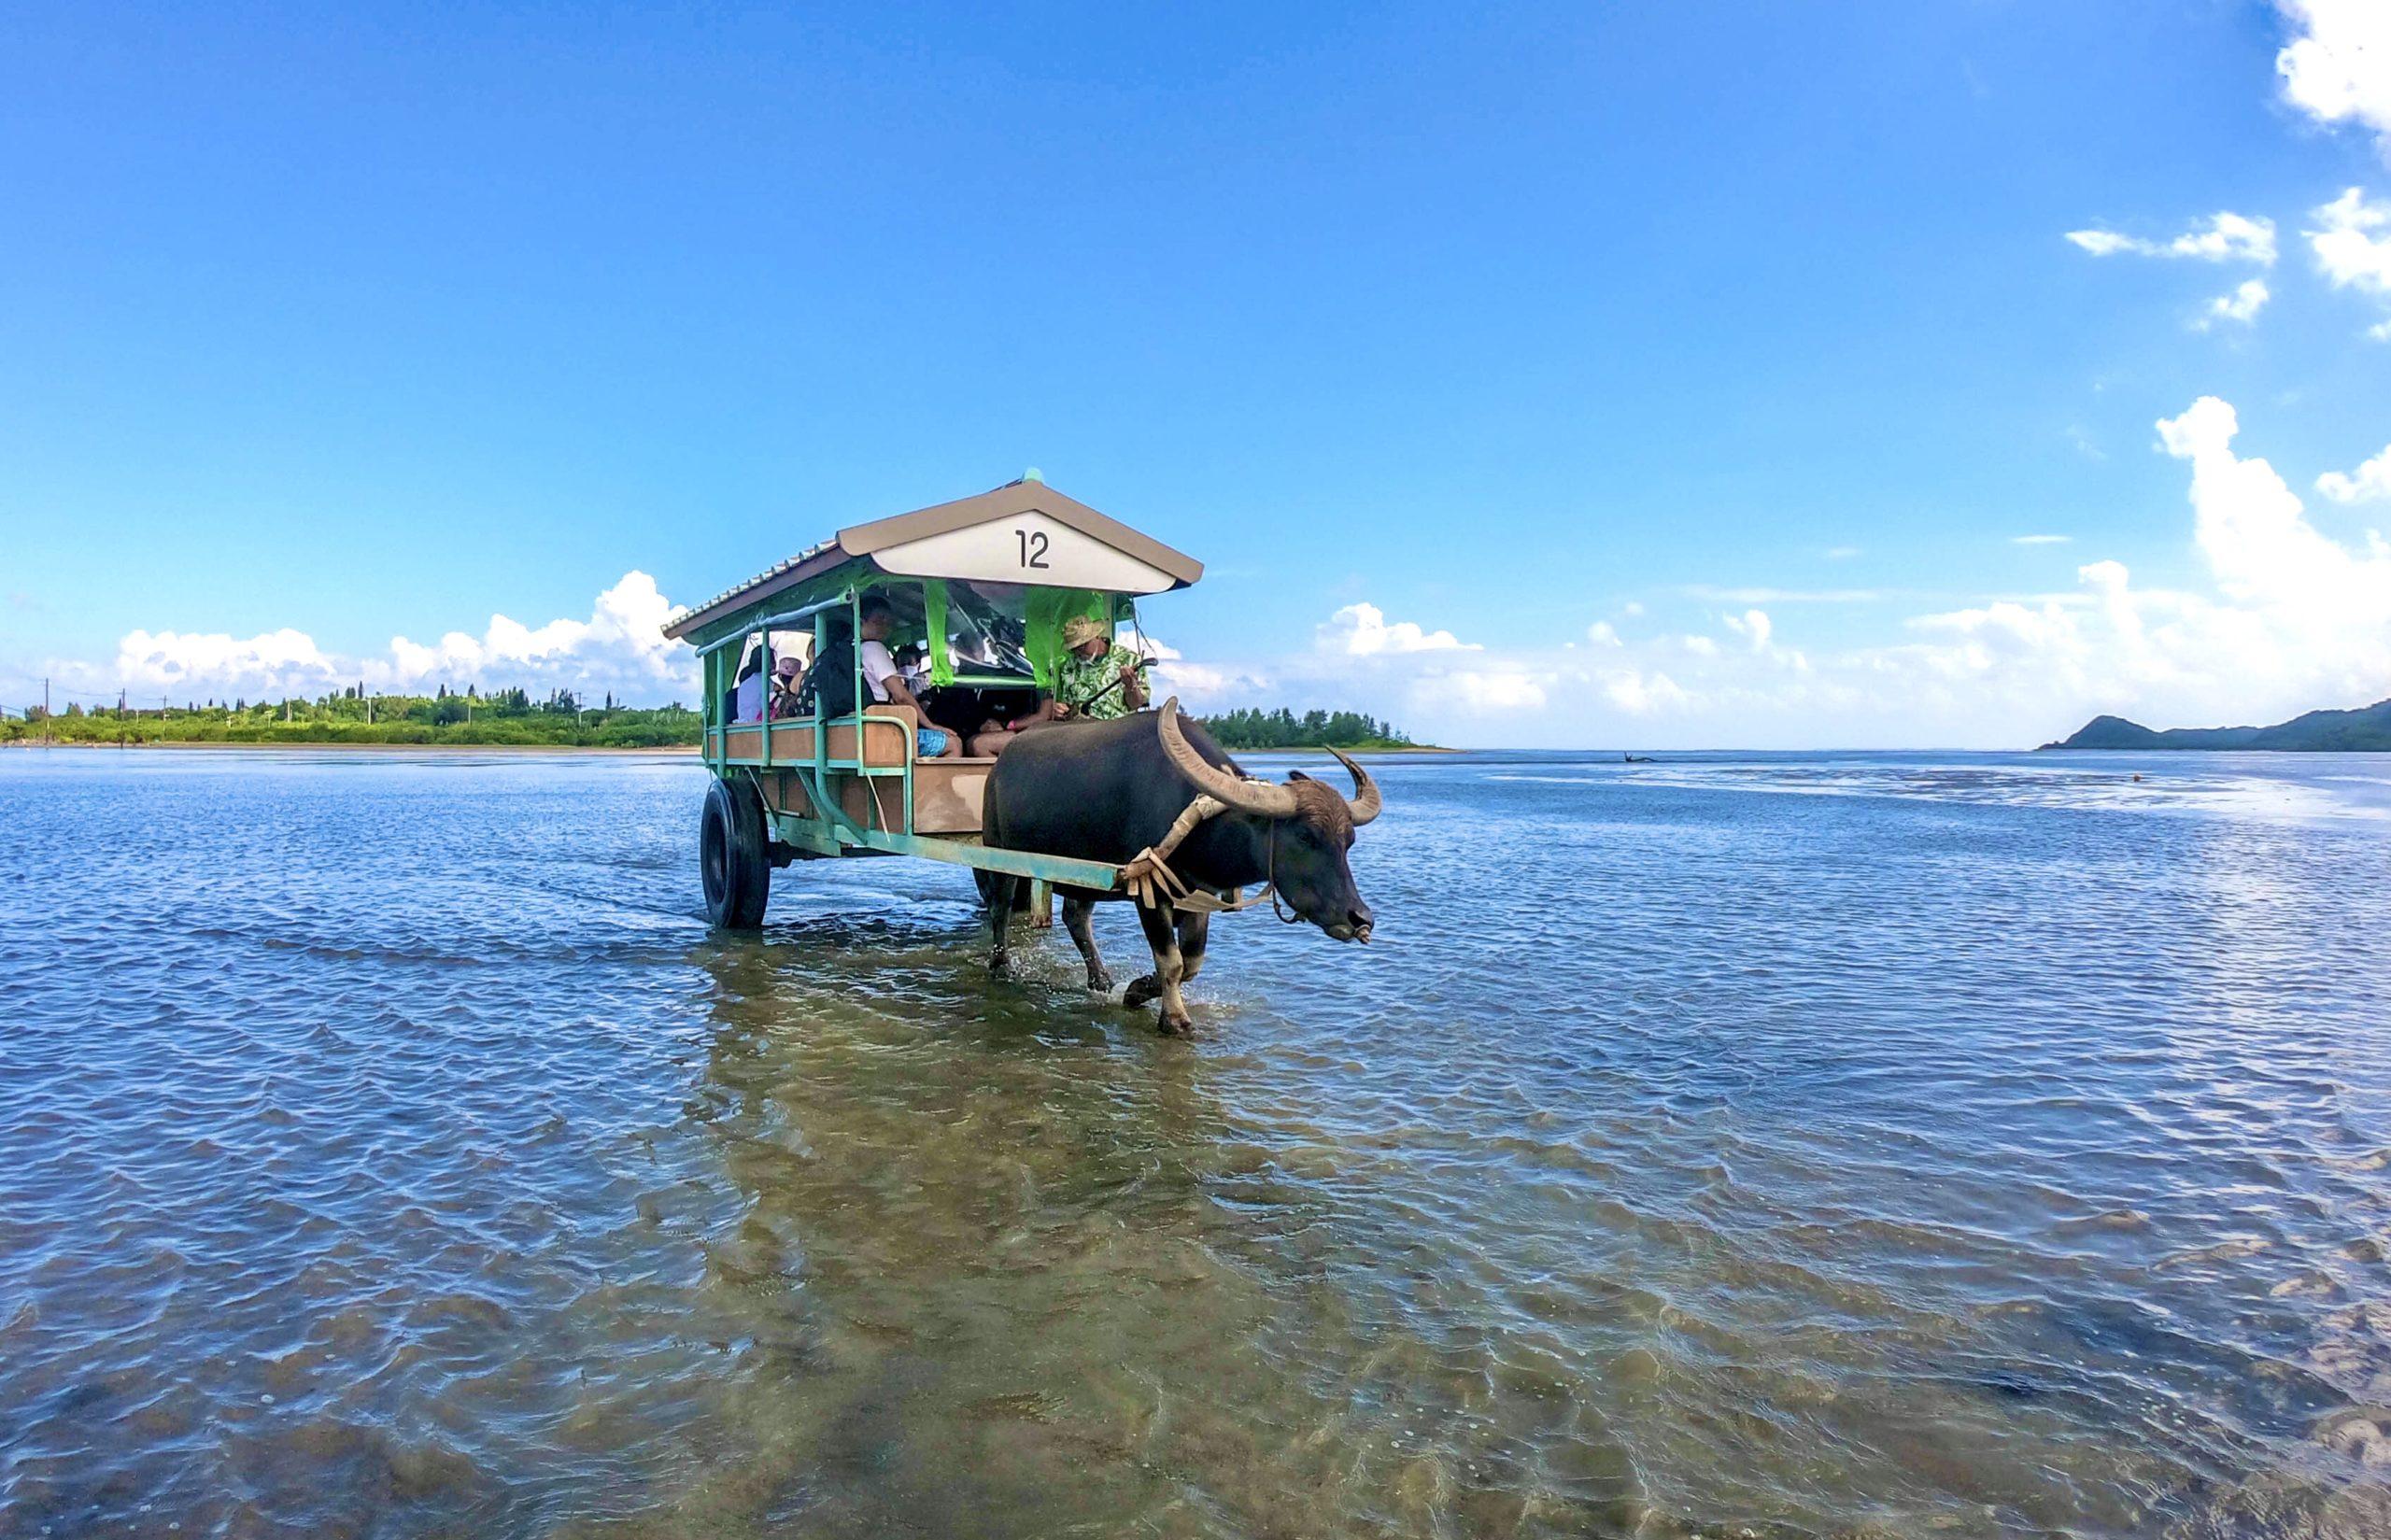 観光とアクティビティがお得なセットに!由布島観光&マングローブSUPorカヌー